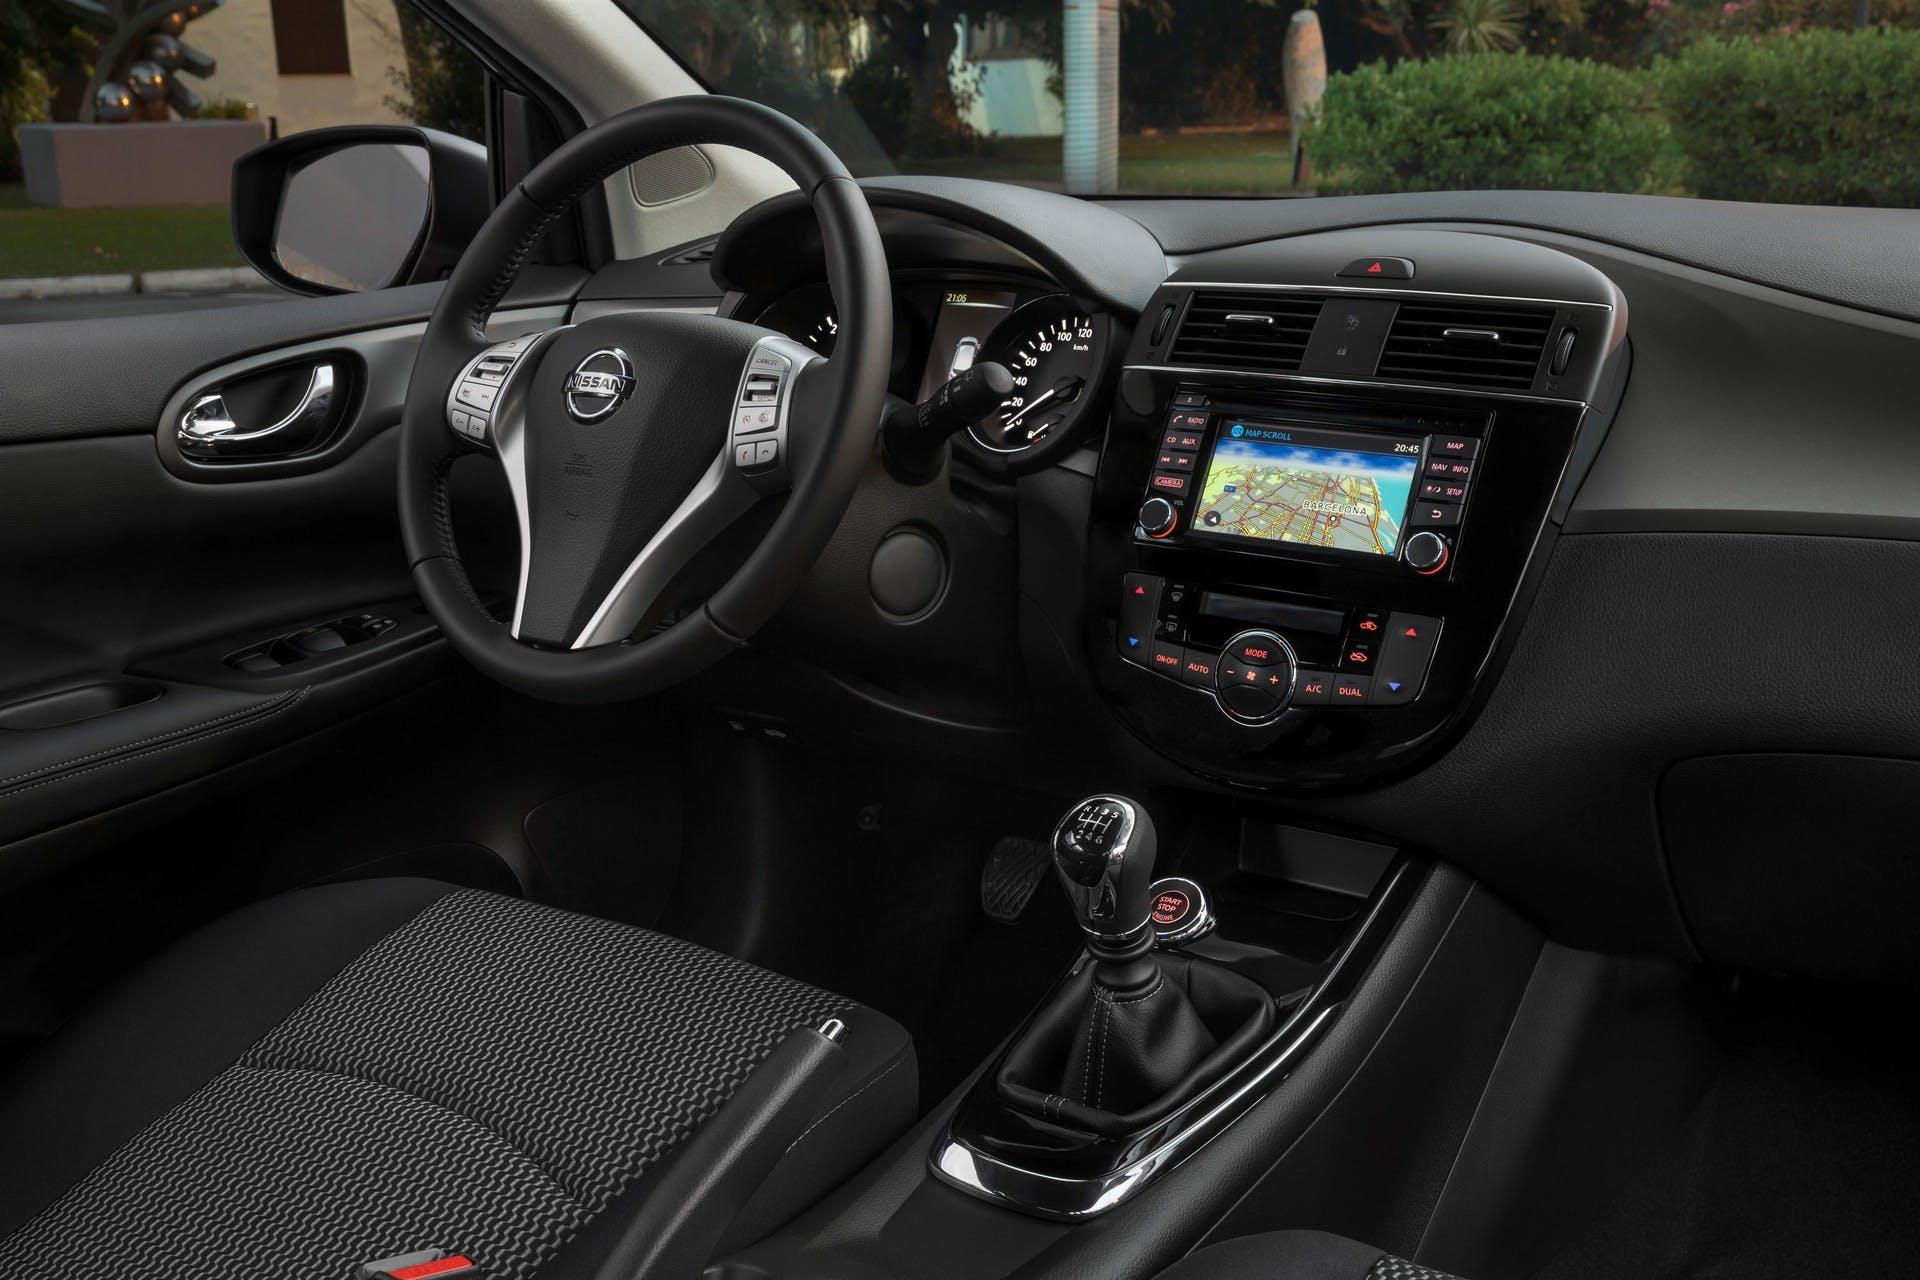 Nissan Pulsar Black Edition interni